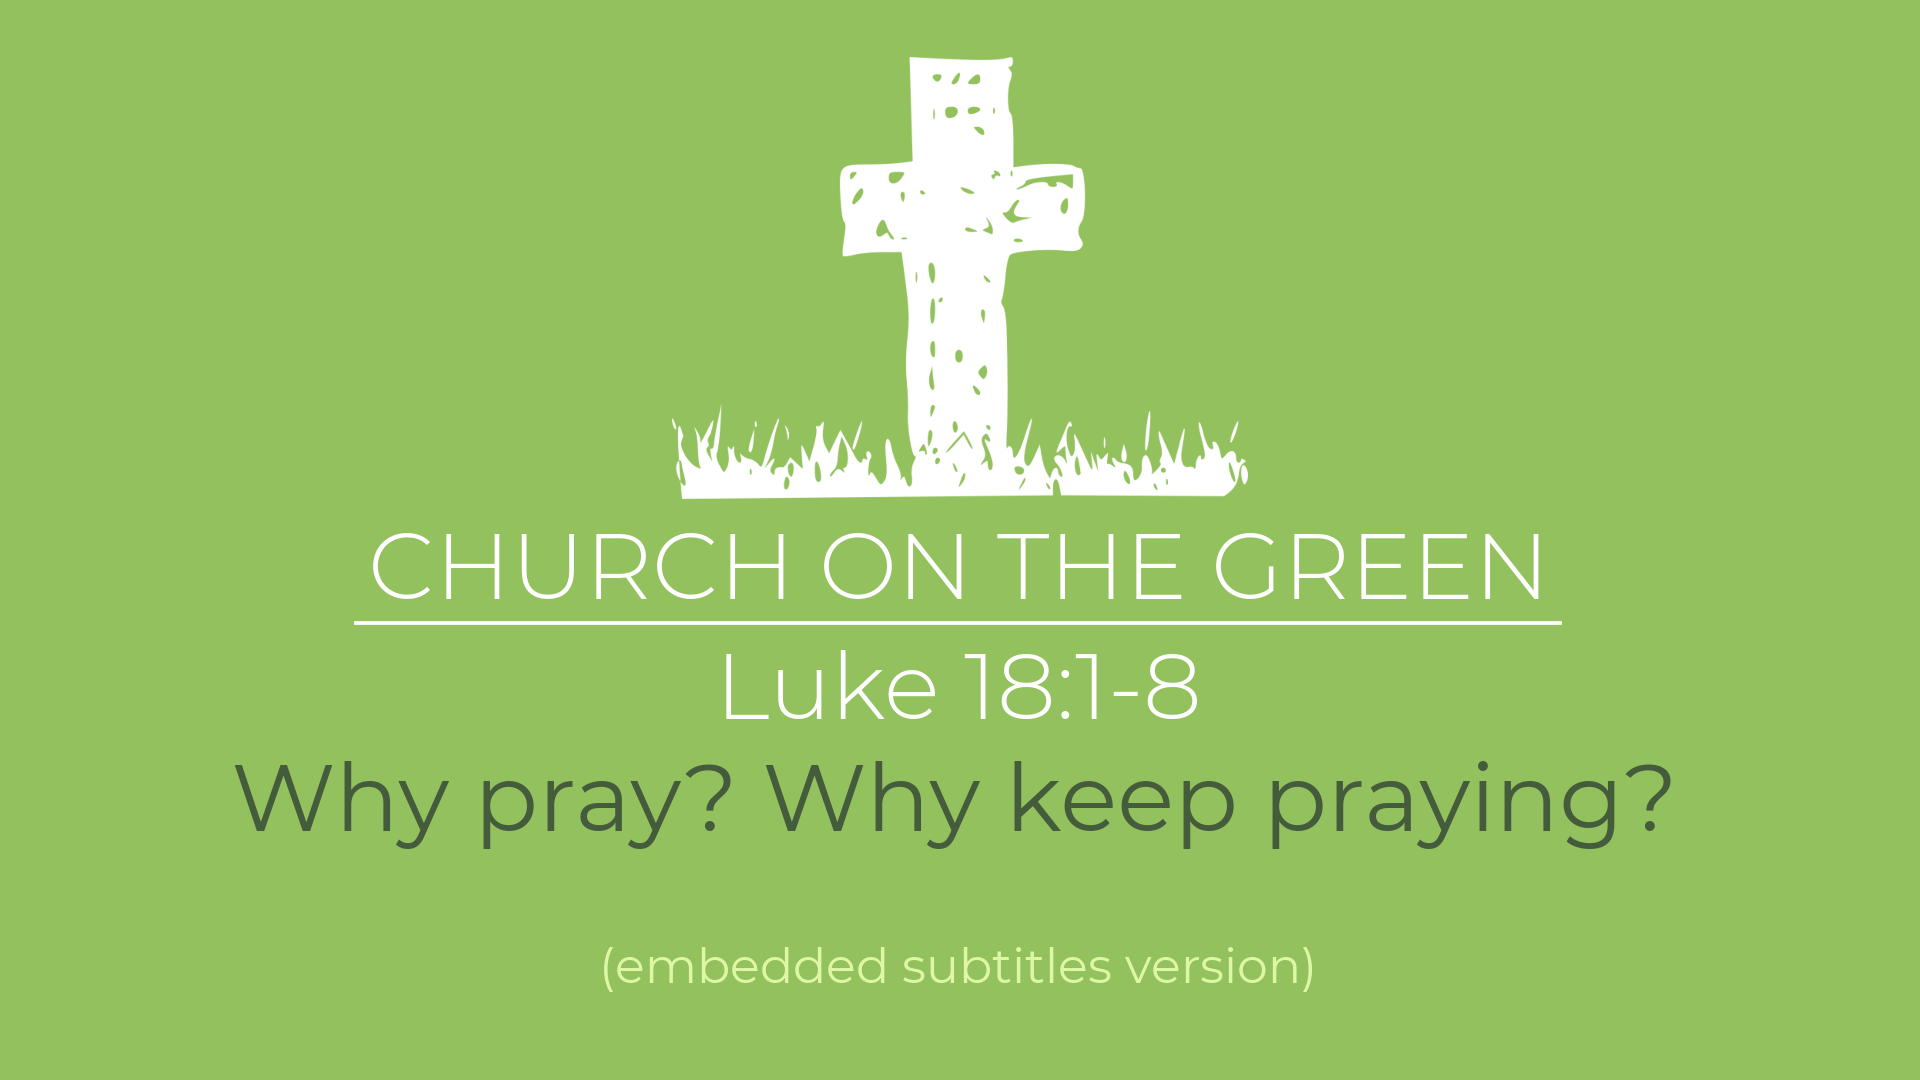 Why pray? Why keep praying? (Luke 18:1-8)